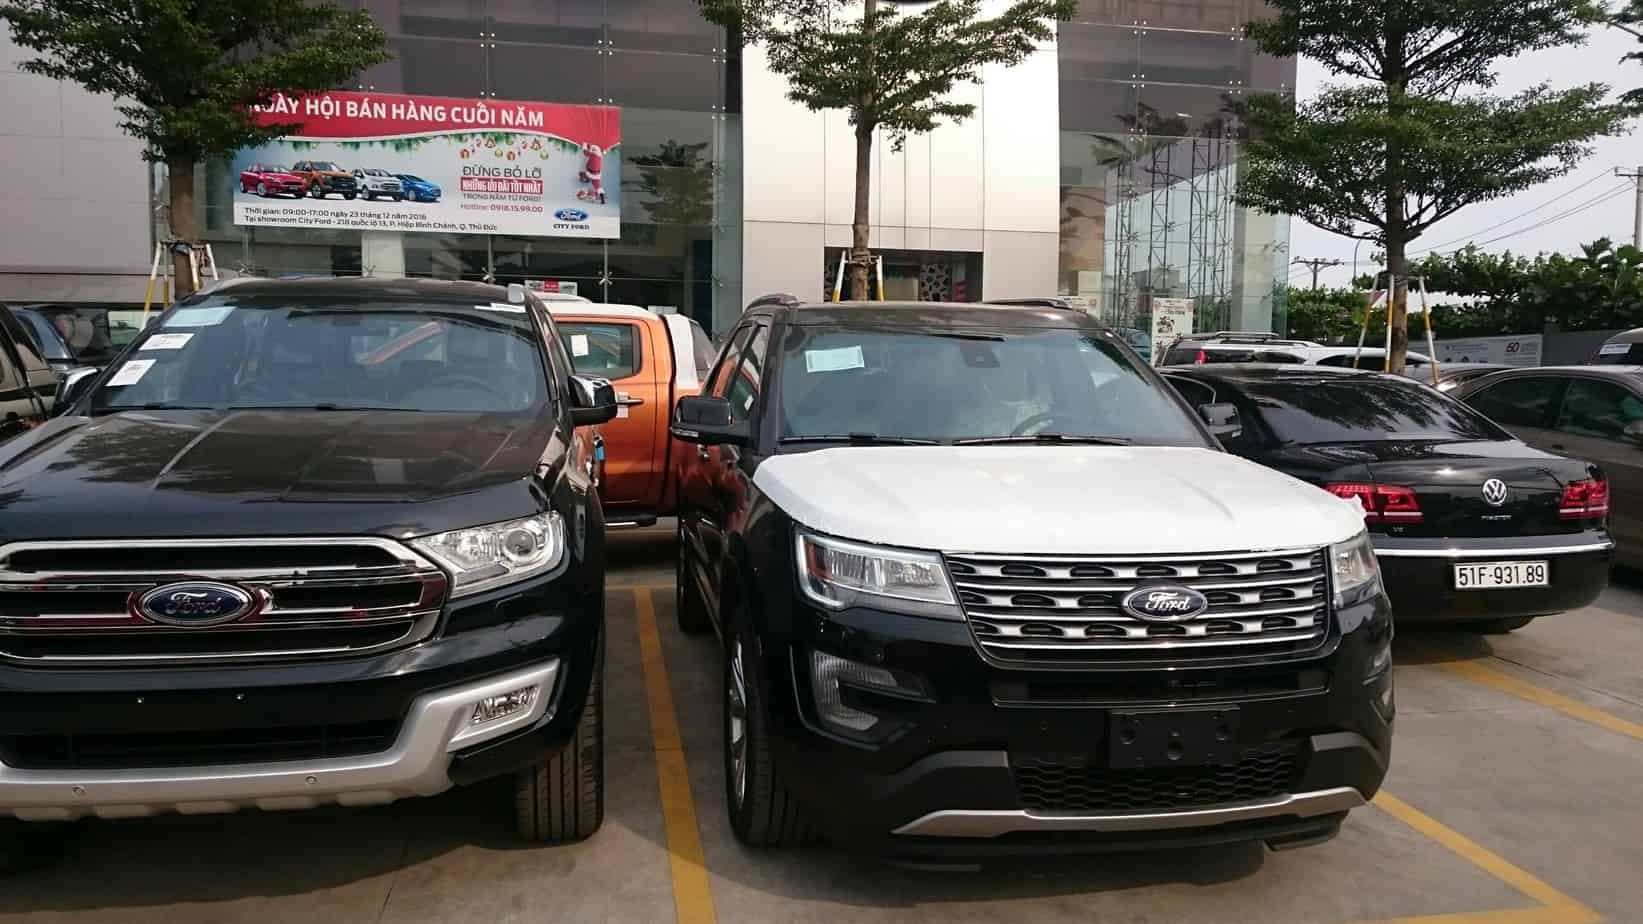 Ford Bình Phước Đại lý bán xe ô tô Ford uy tín tại tỉnh Bình Phước 15